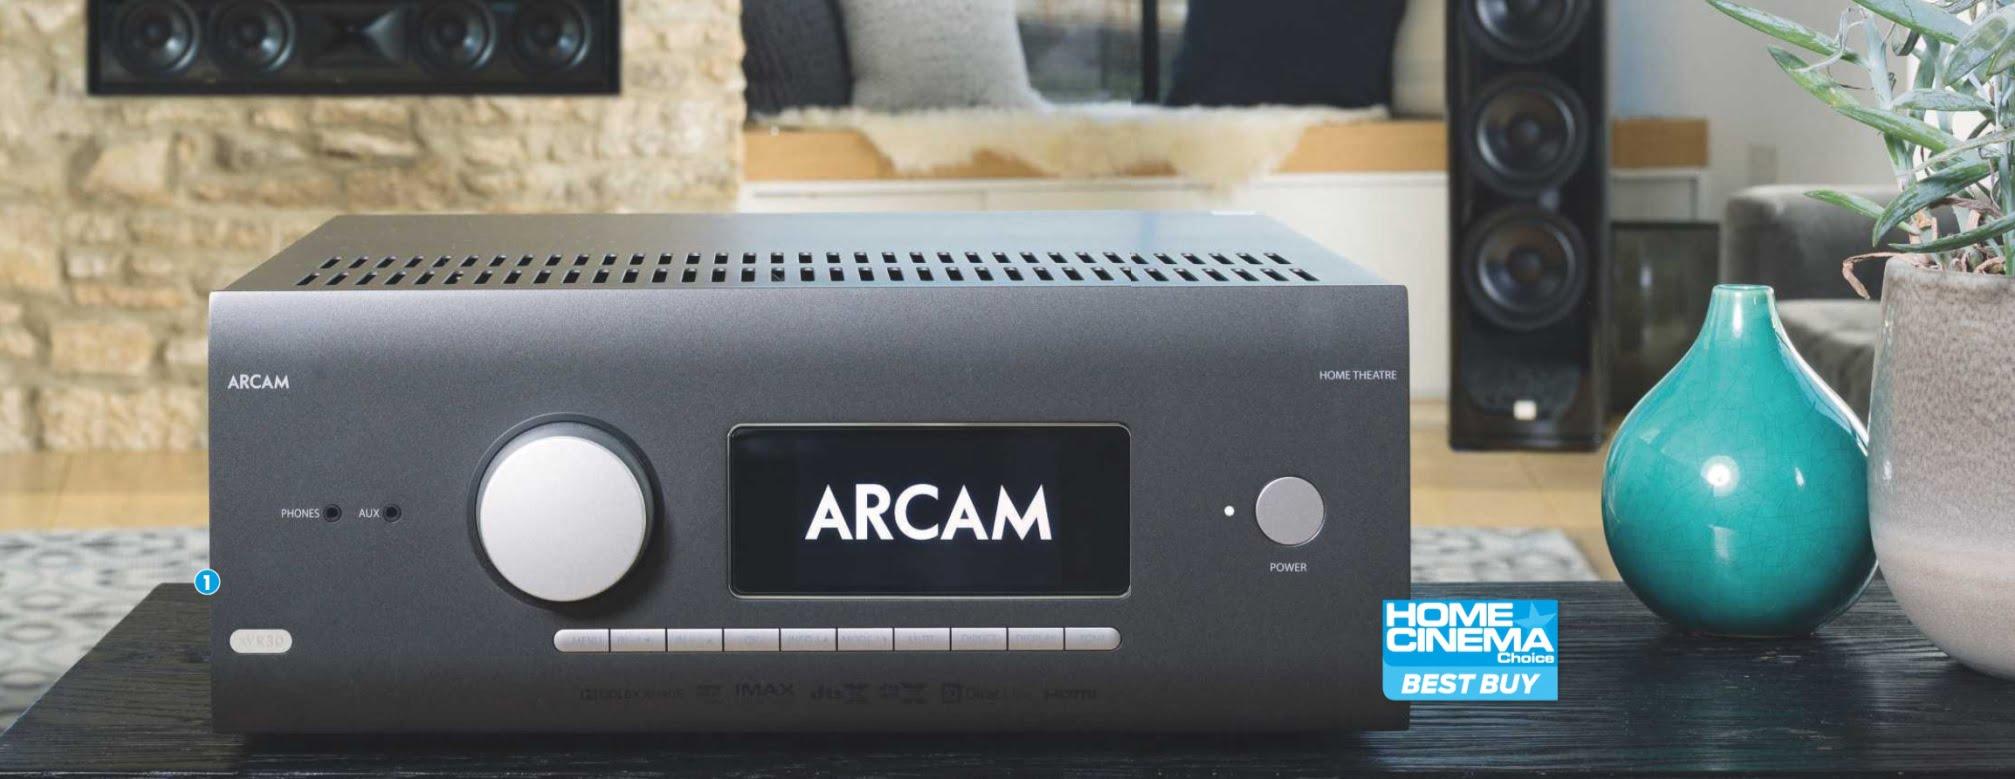 Arcam AVR30 AV Receiver